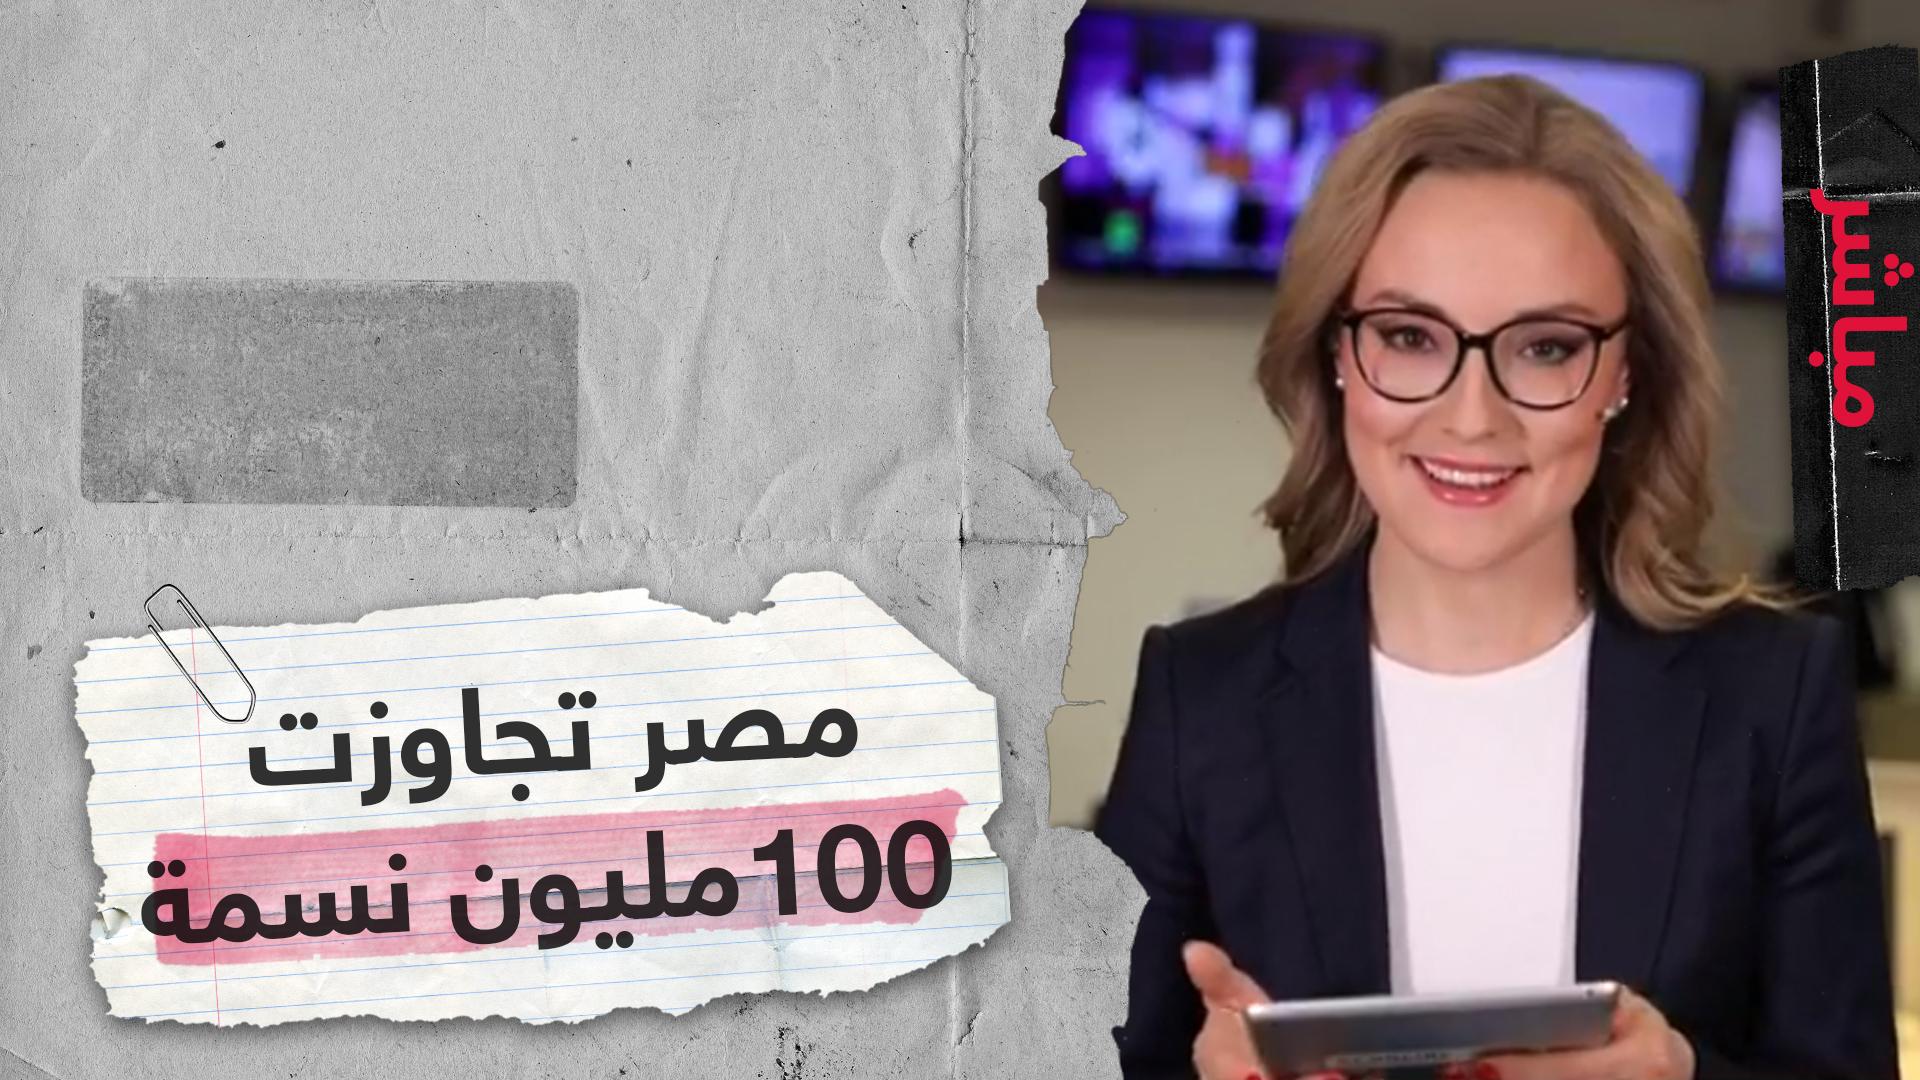 مصر تجاوزت 100 مليون نسمة.. نعمة أم نقمة؟